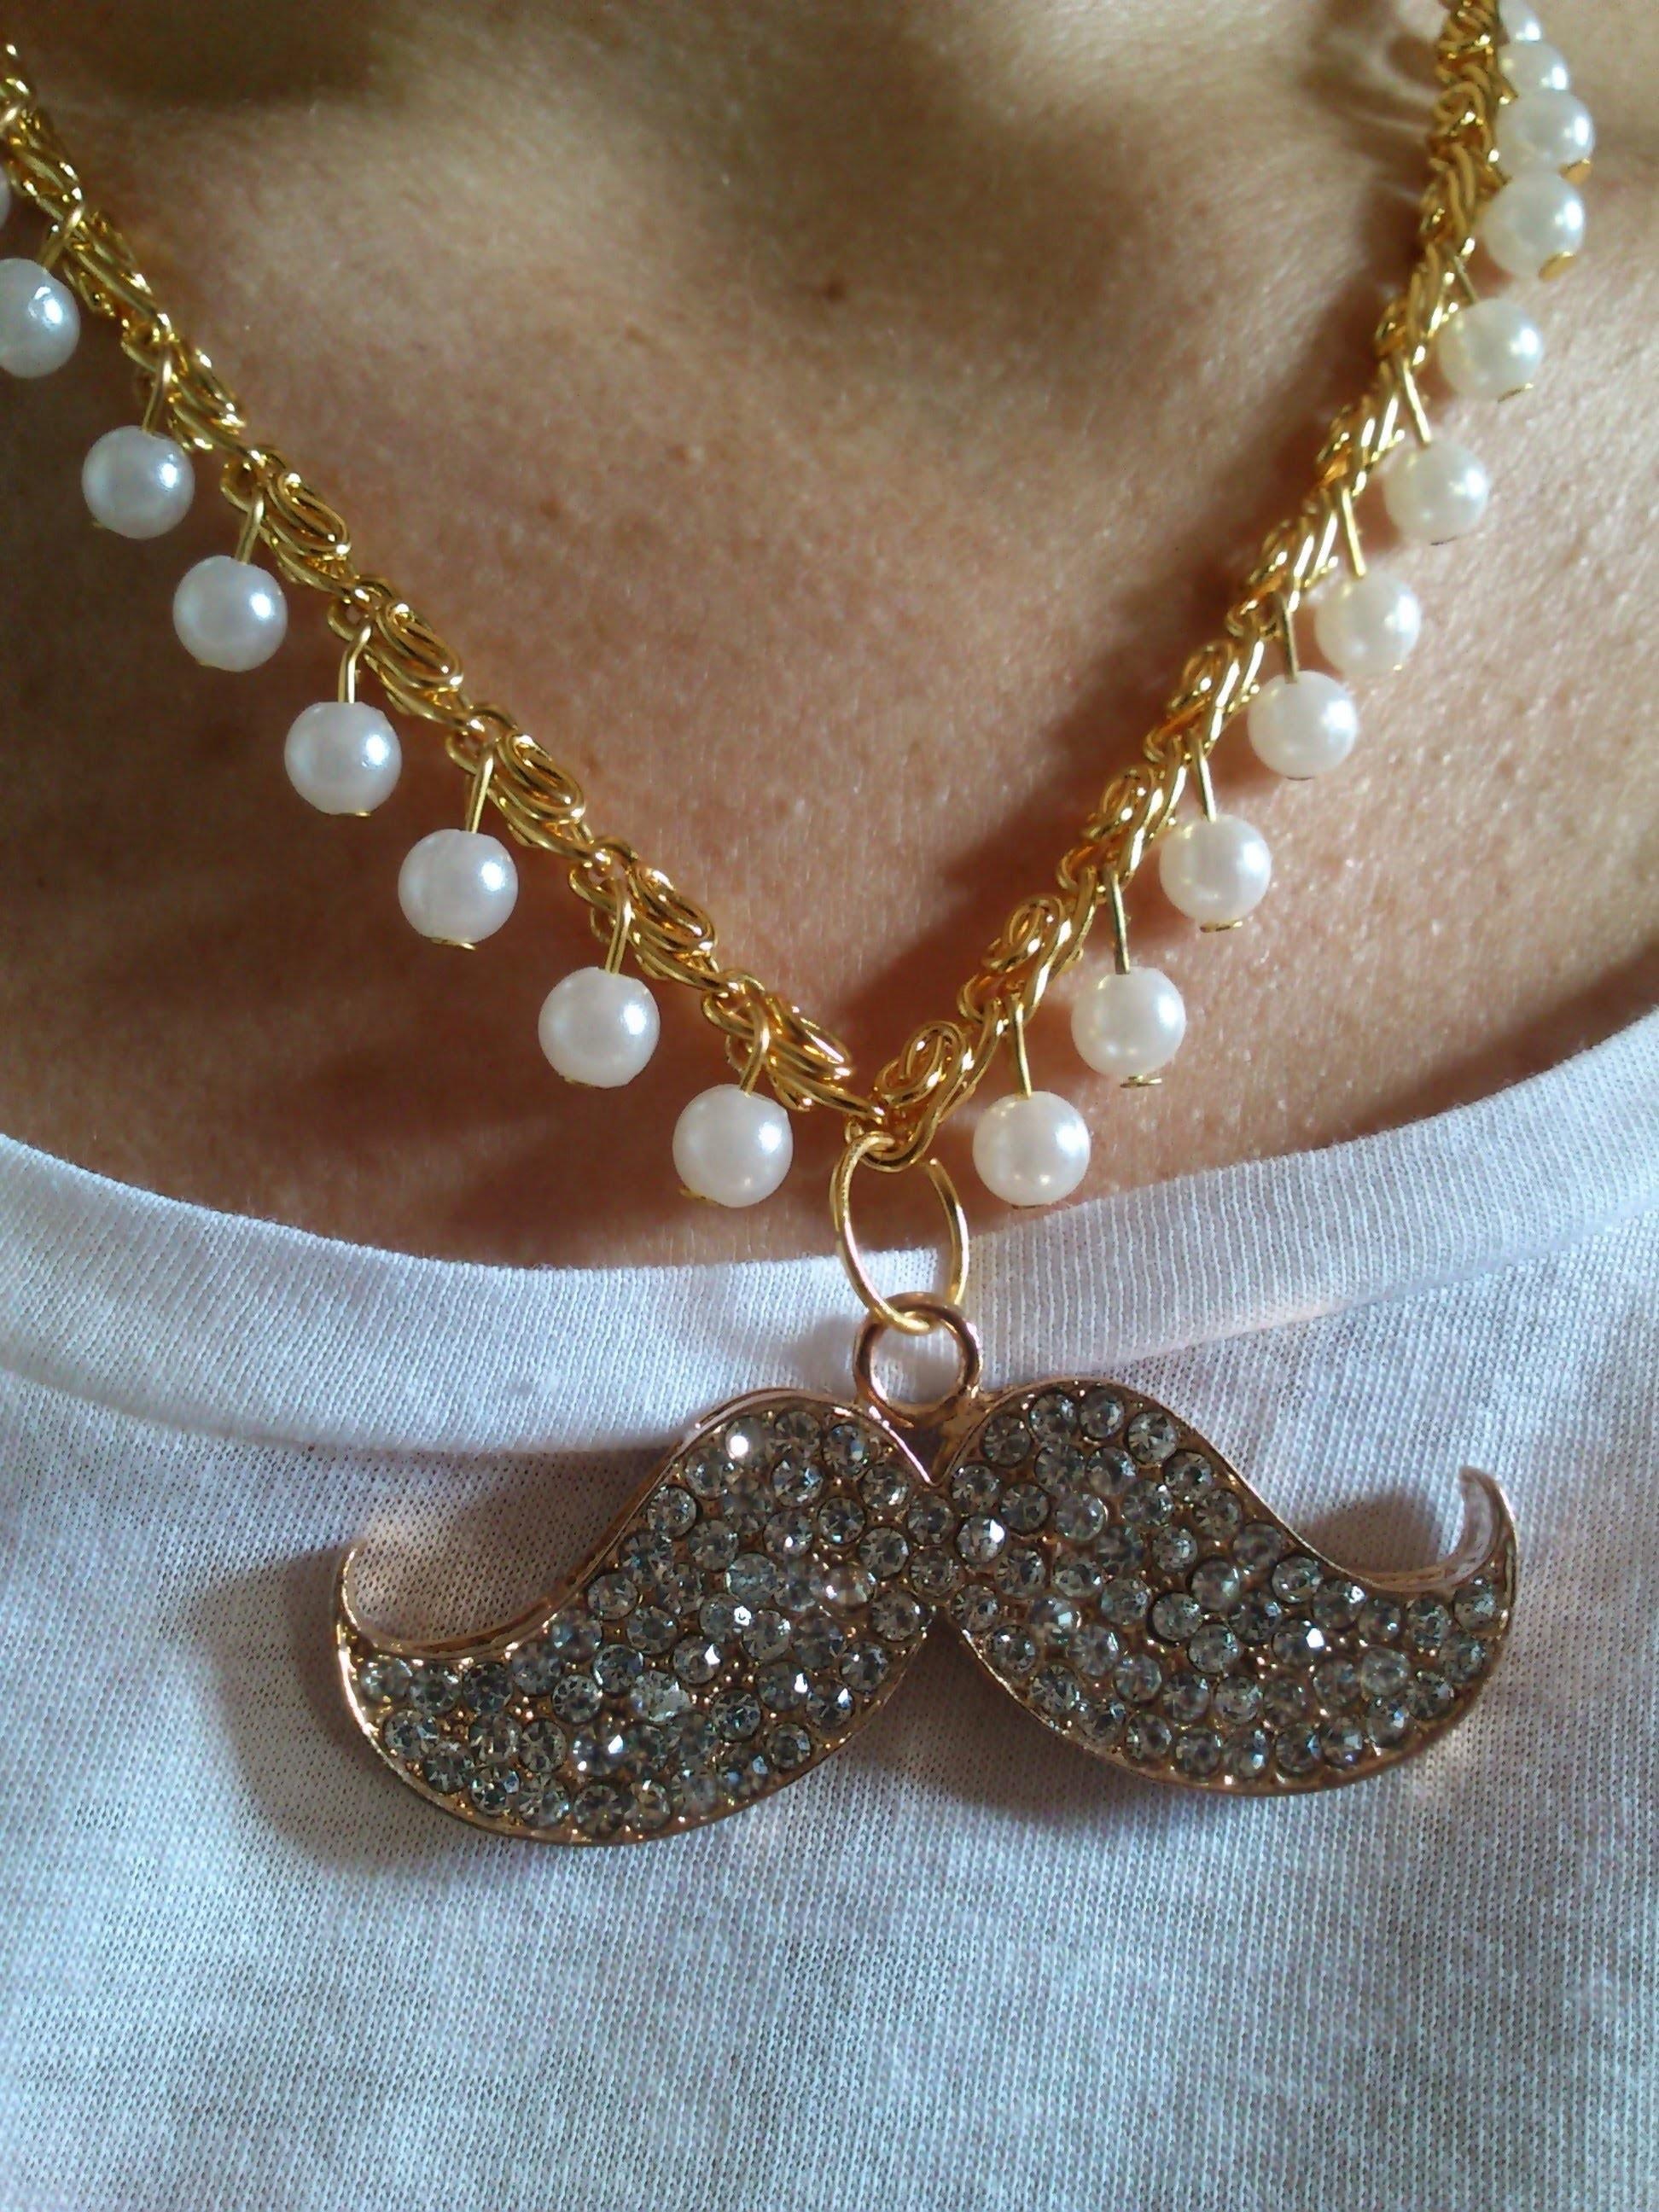 DIY: collar con cadena dorada, perlas y moustache de strass.